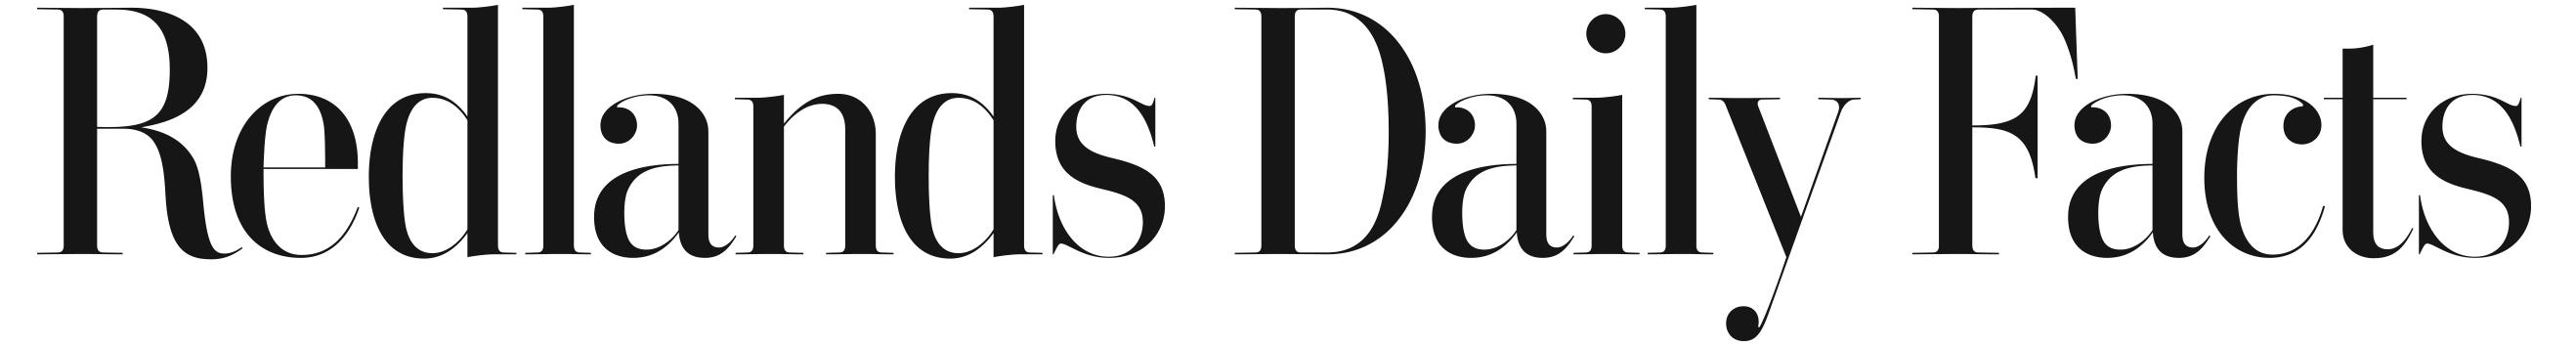 RDF-logo-2013